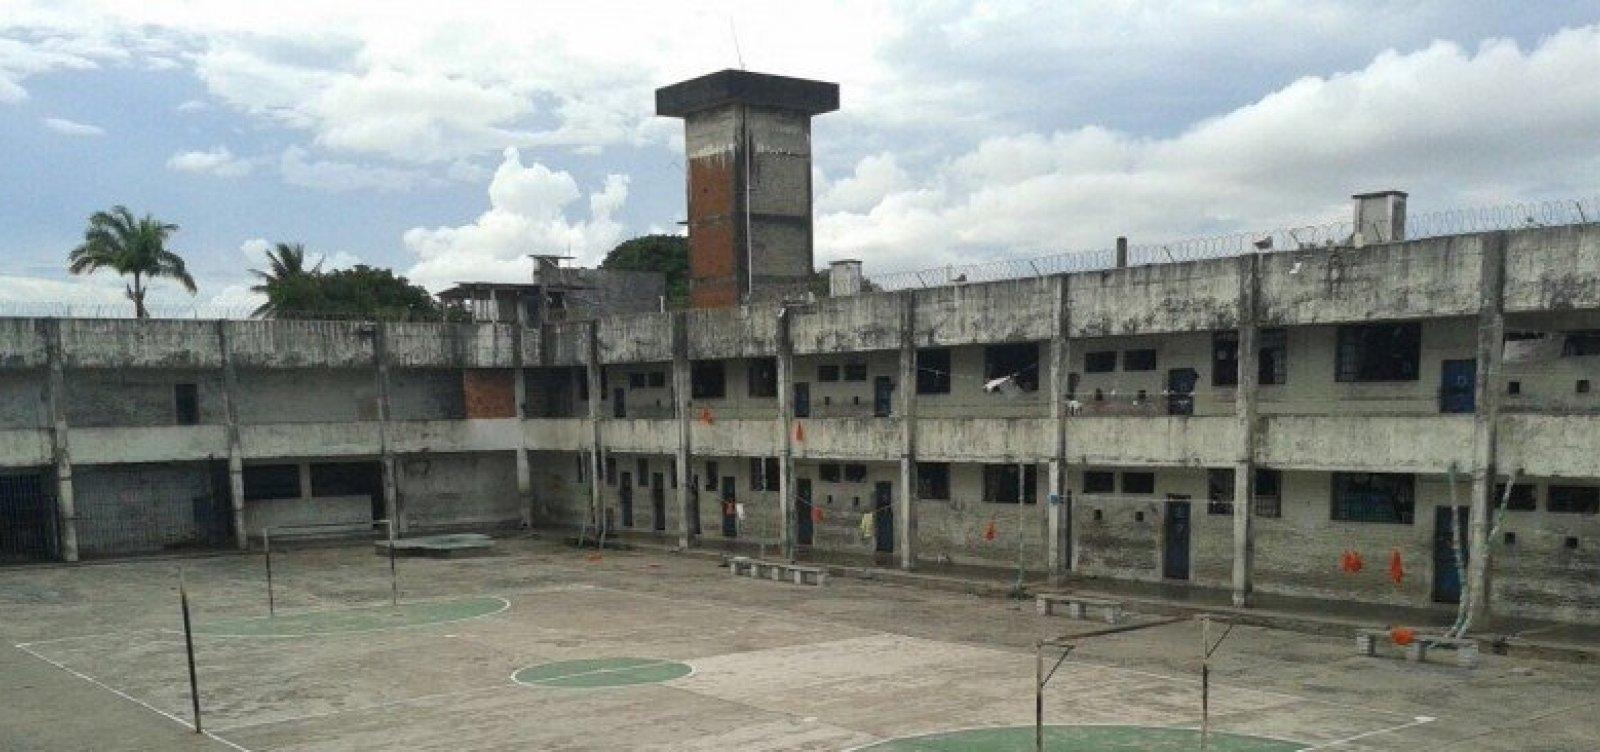 [Polícia recaptura três detentos que fugiram do Presídio Salvador]